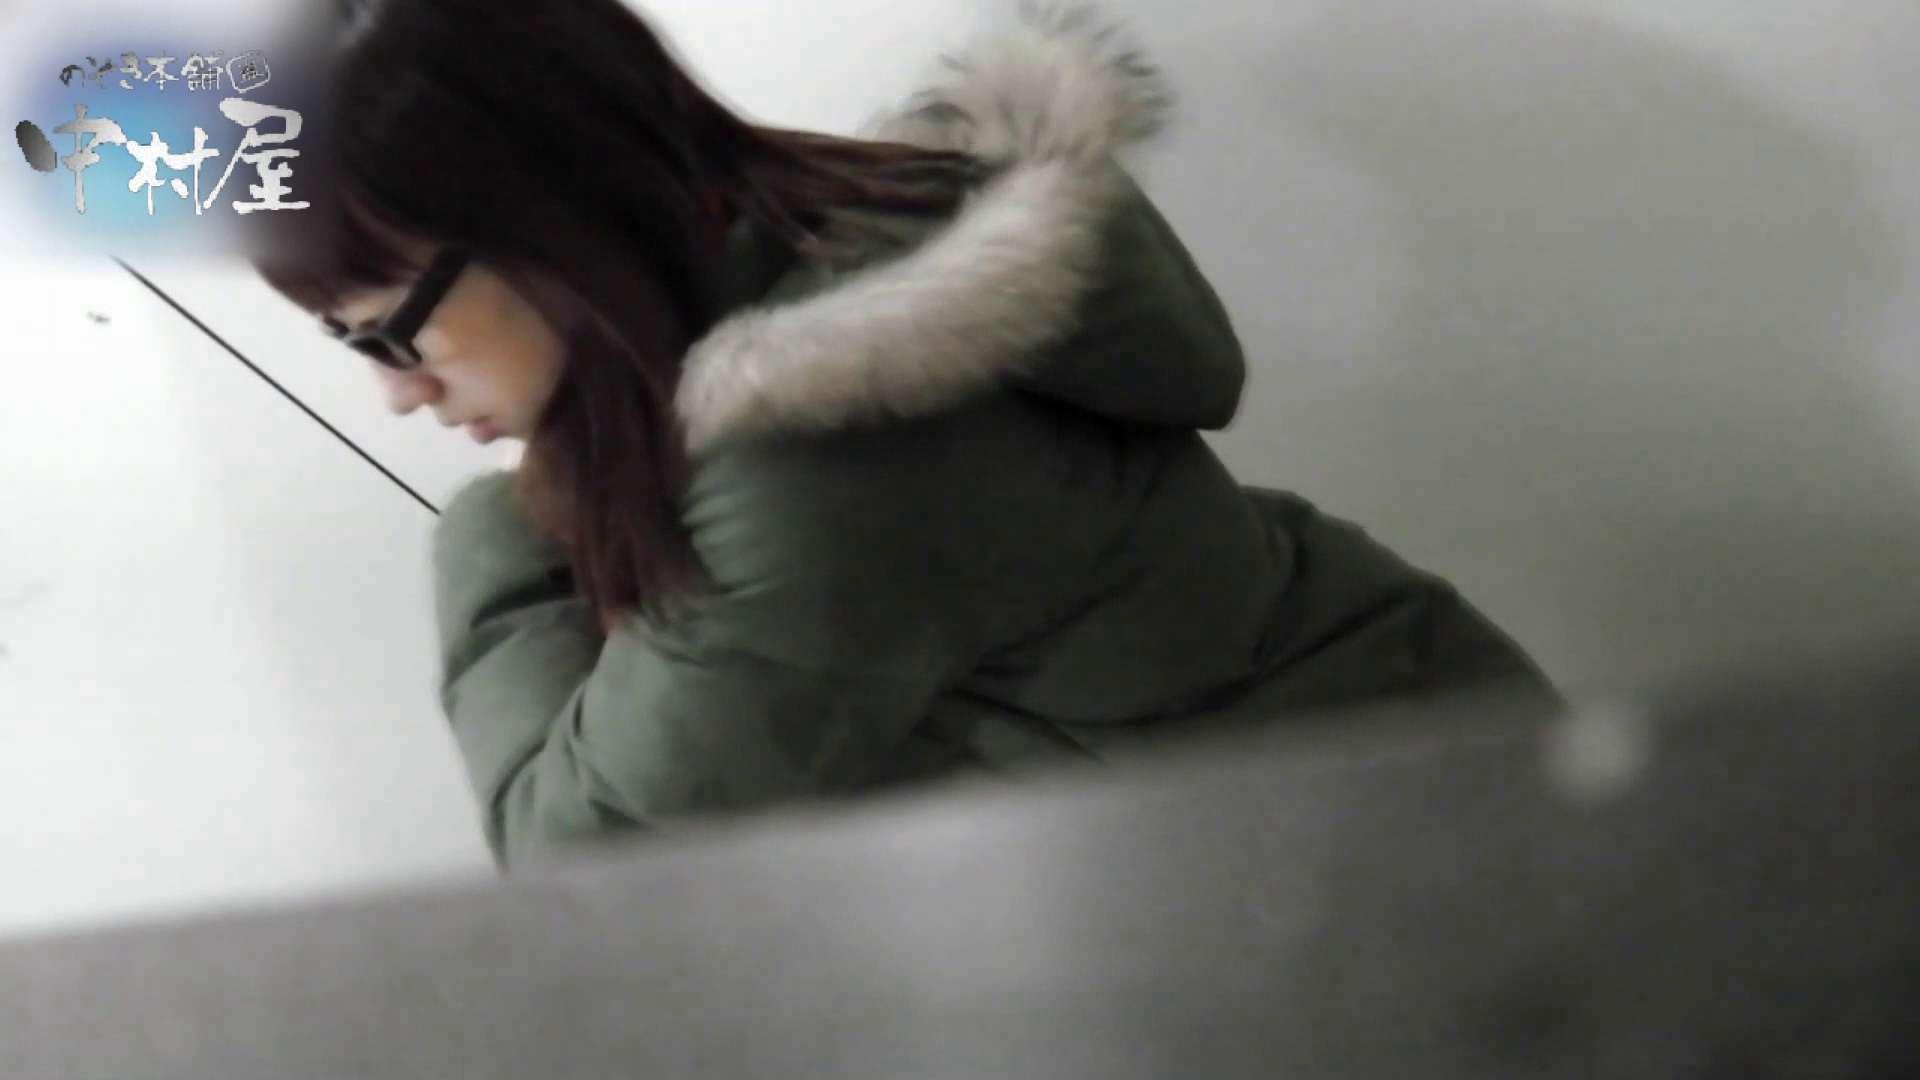 乙女集まる!ショッピングモール潜入撮vol.12 和式   潜入 のぞき 11枚 1